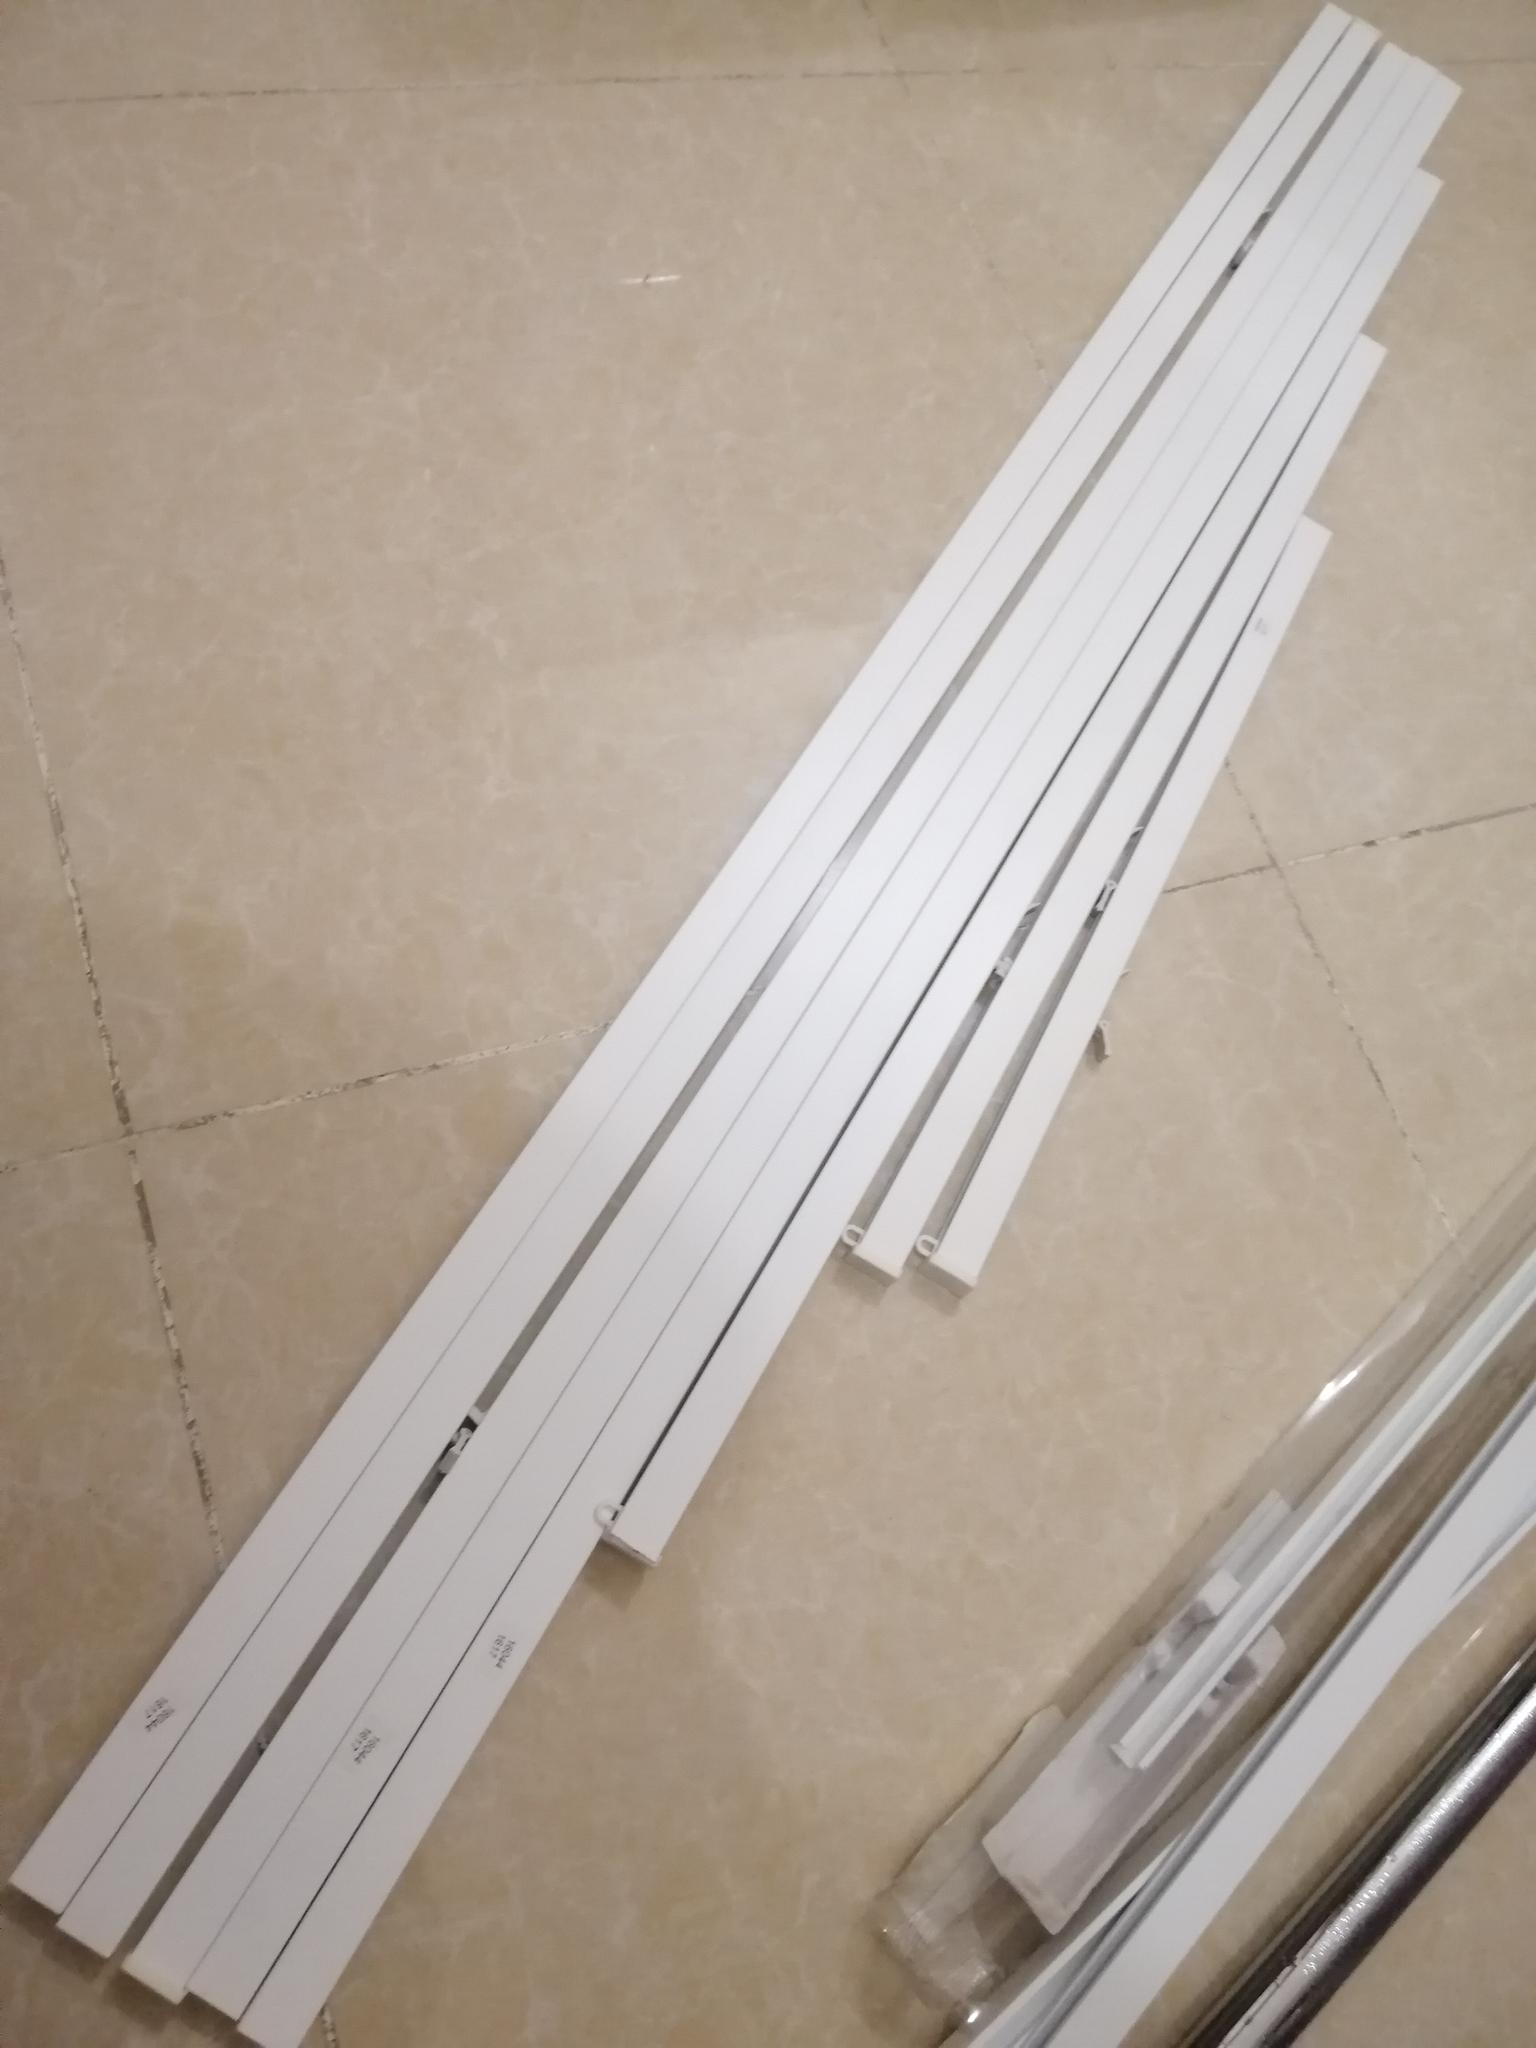 IKEA -VIDGA-7 CURTAIN ROD-SINGLE TRACK SET FOR WAL